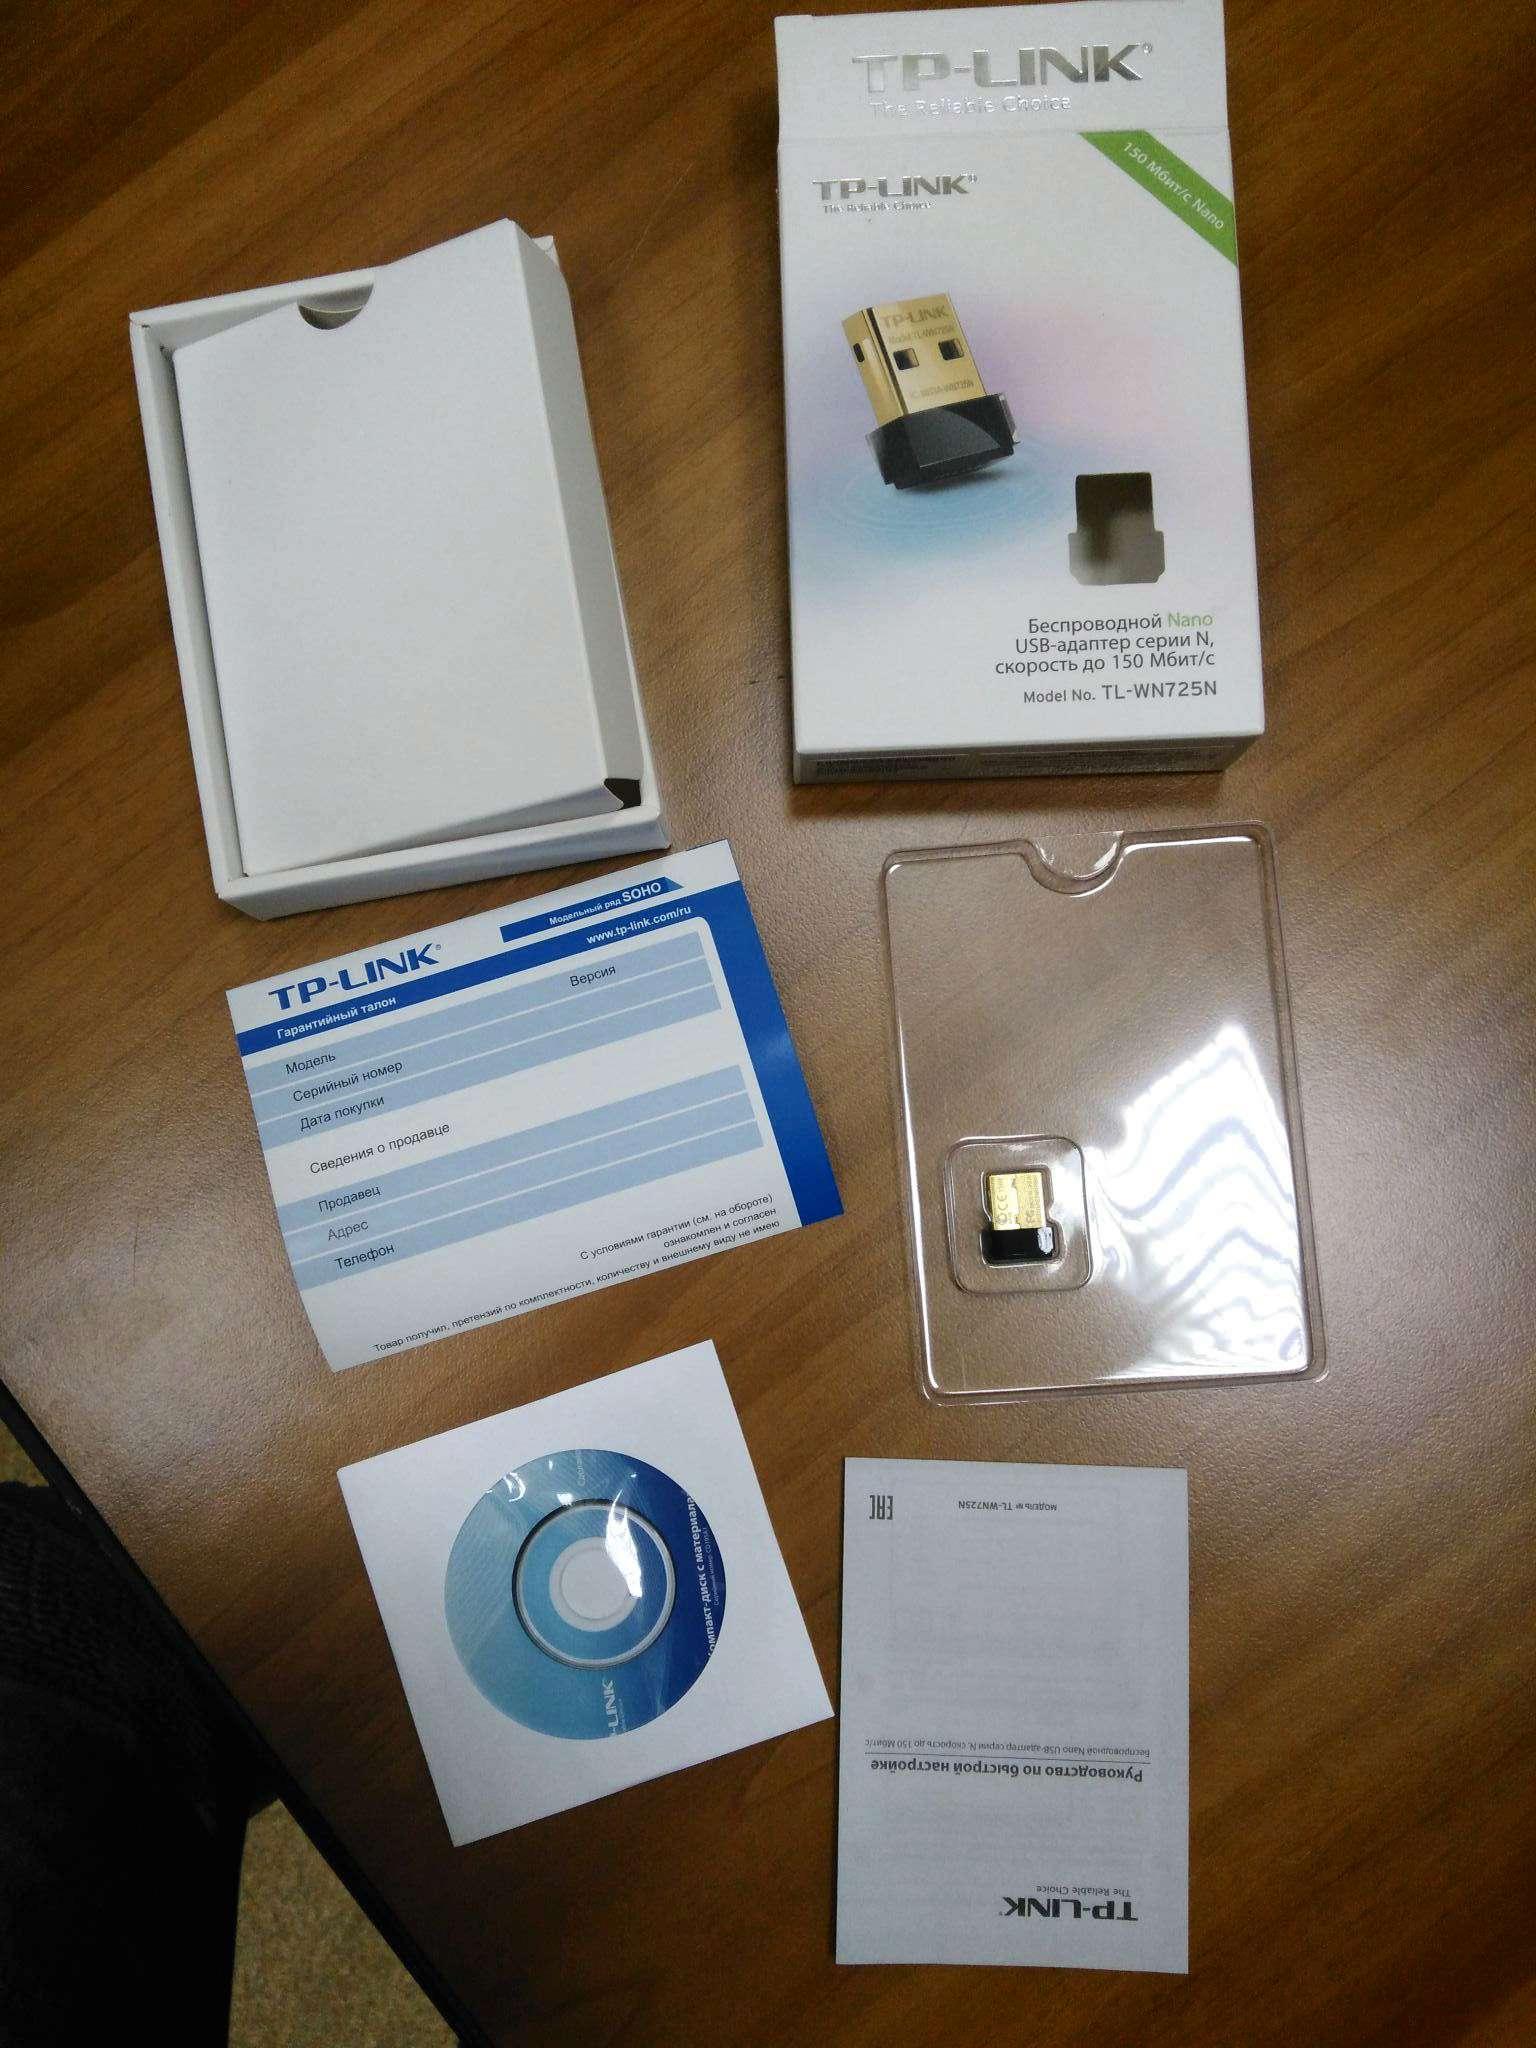 Wi Fi Tp Link Tl Wn725n Wireless Usb 80211n 150 Mbps 150mbps Nano N Wifi Adapter 1492542894 1